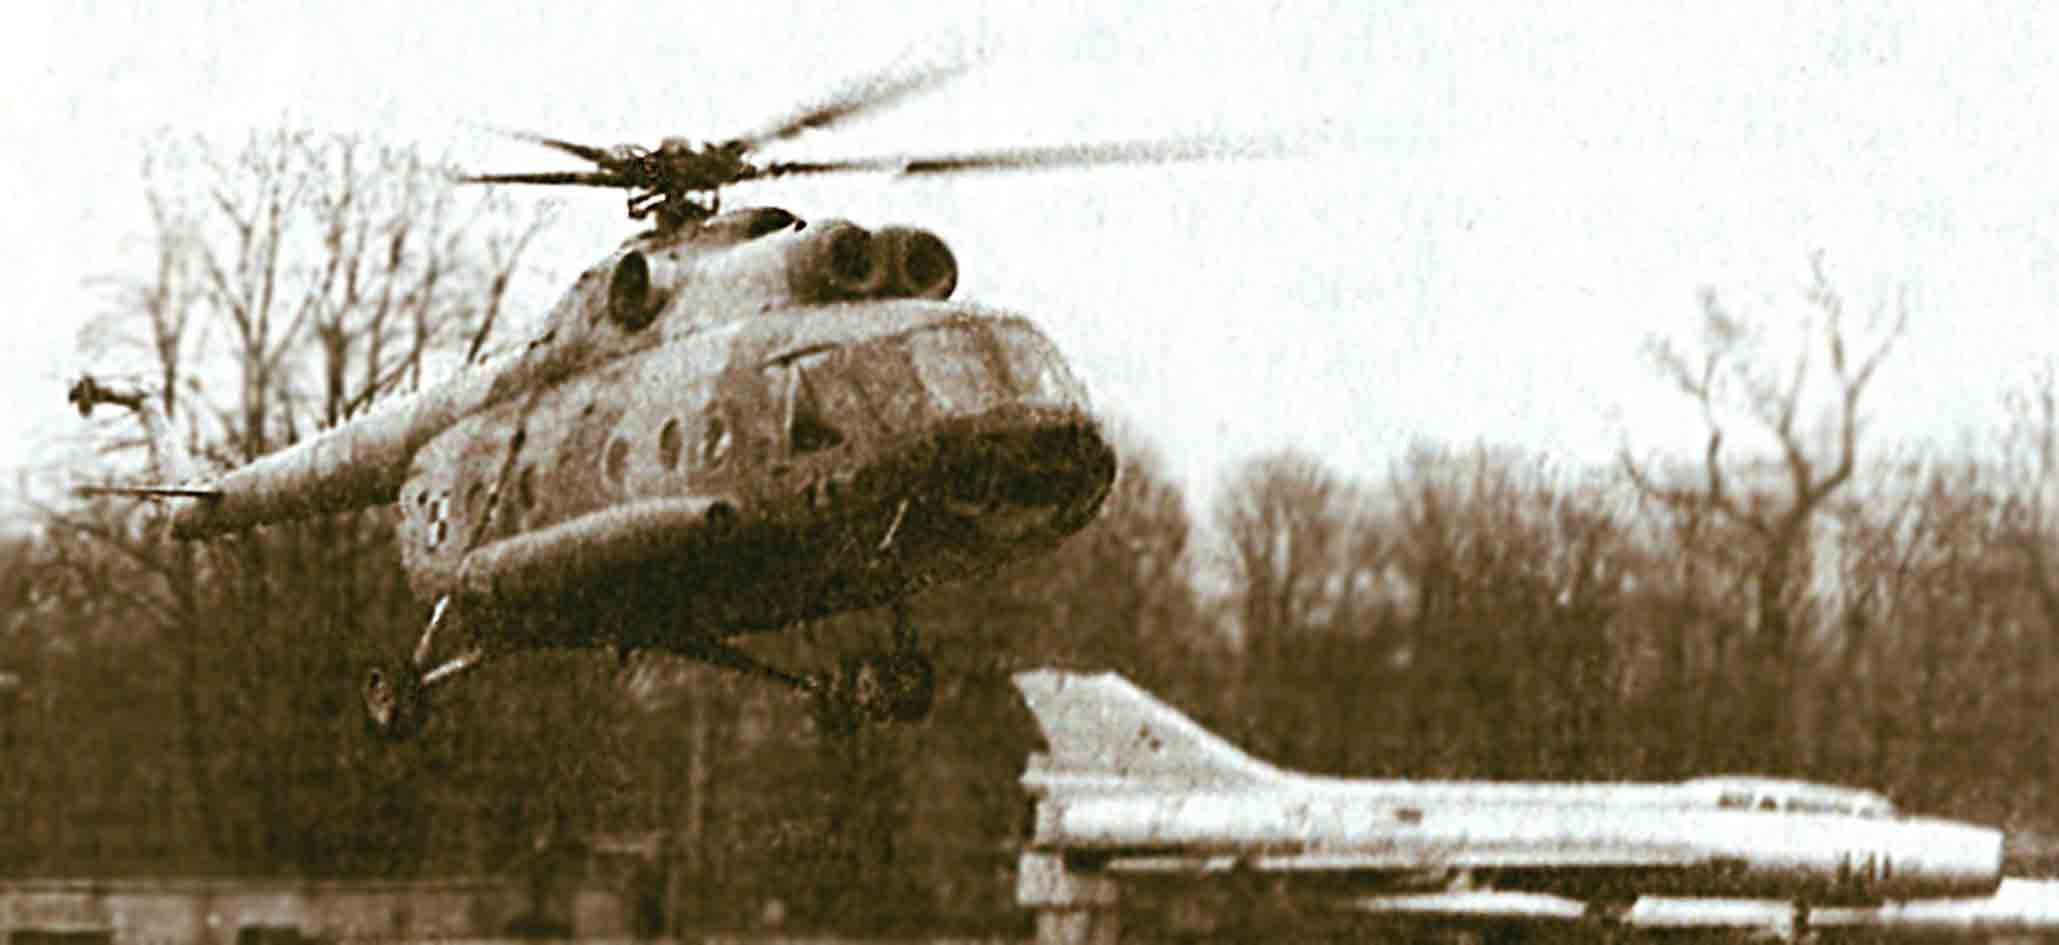 Śmigłowiec wielozadaniowy MI-8T